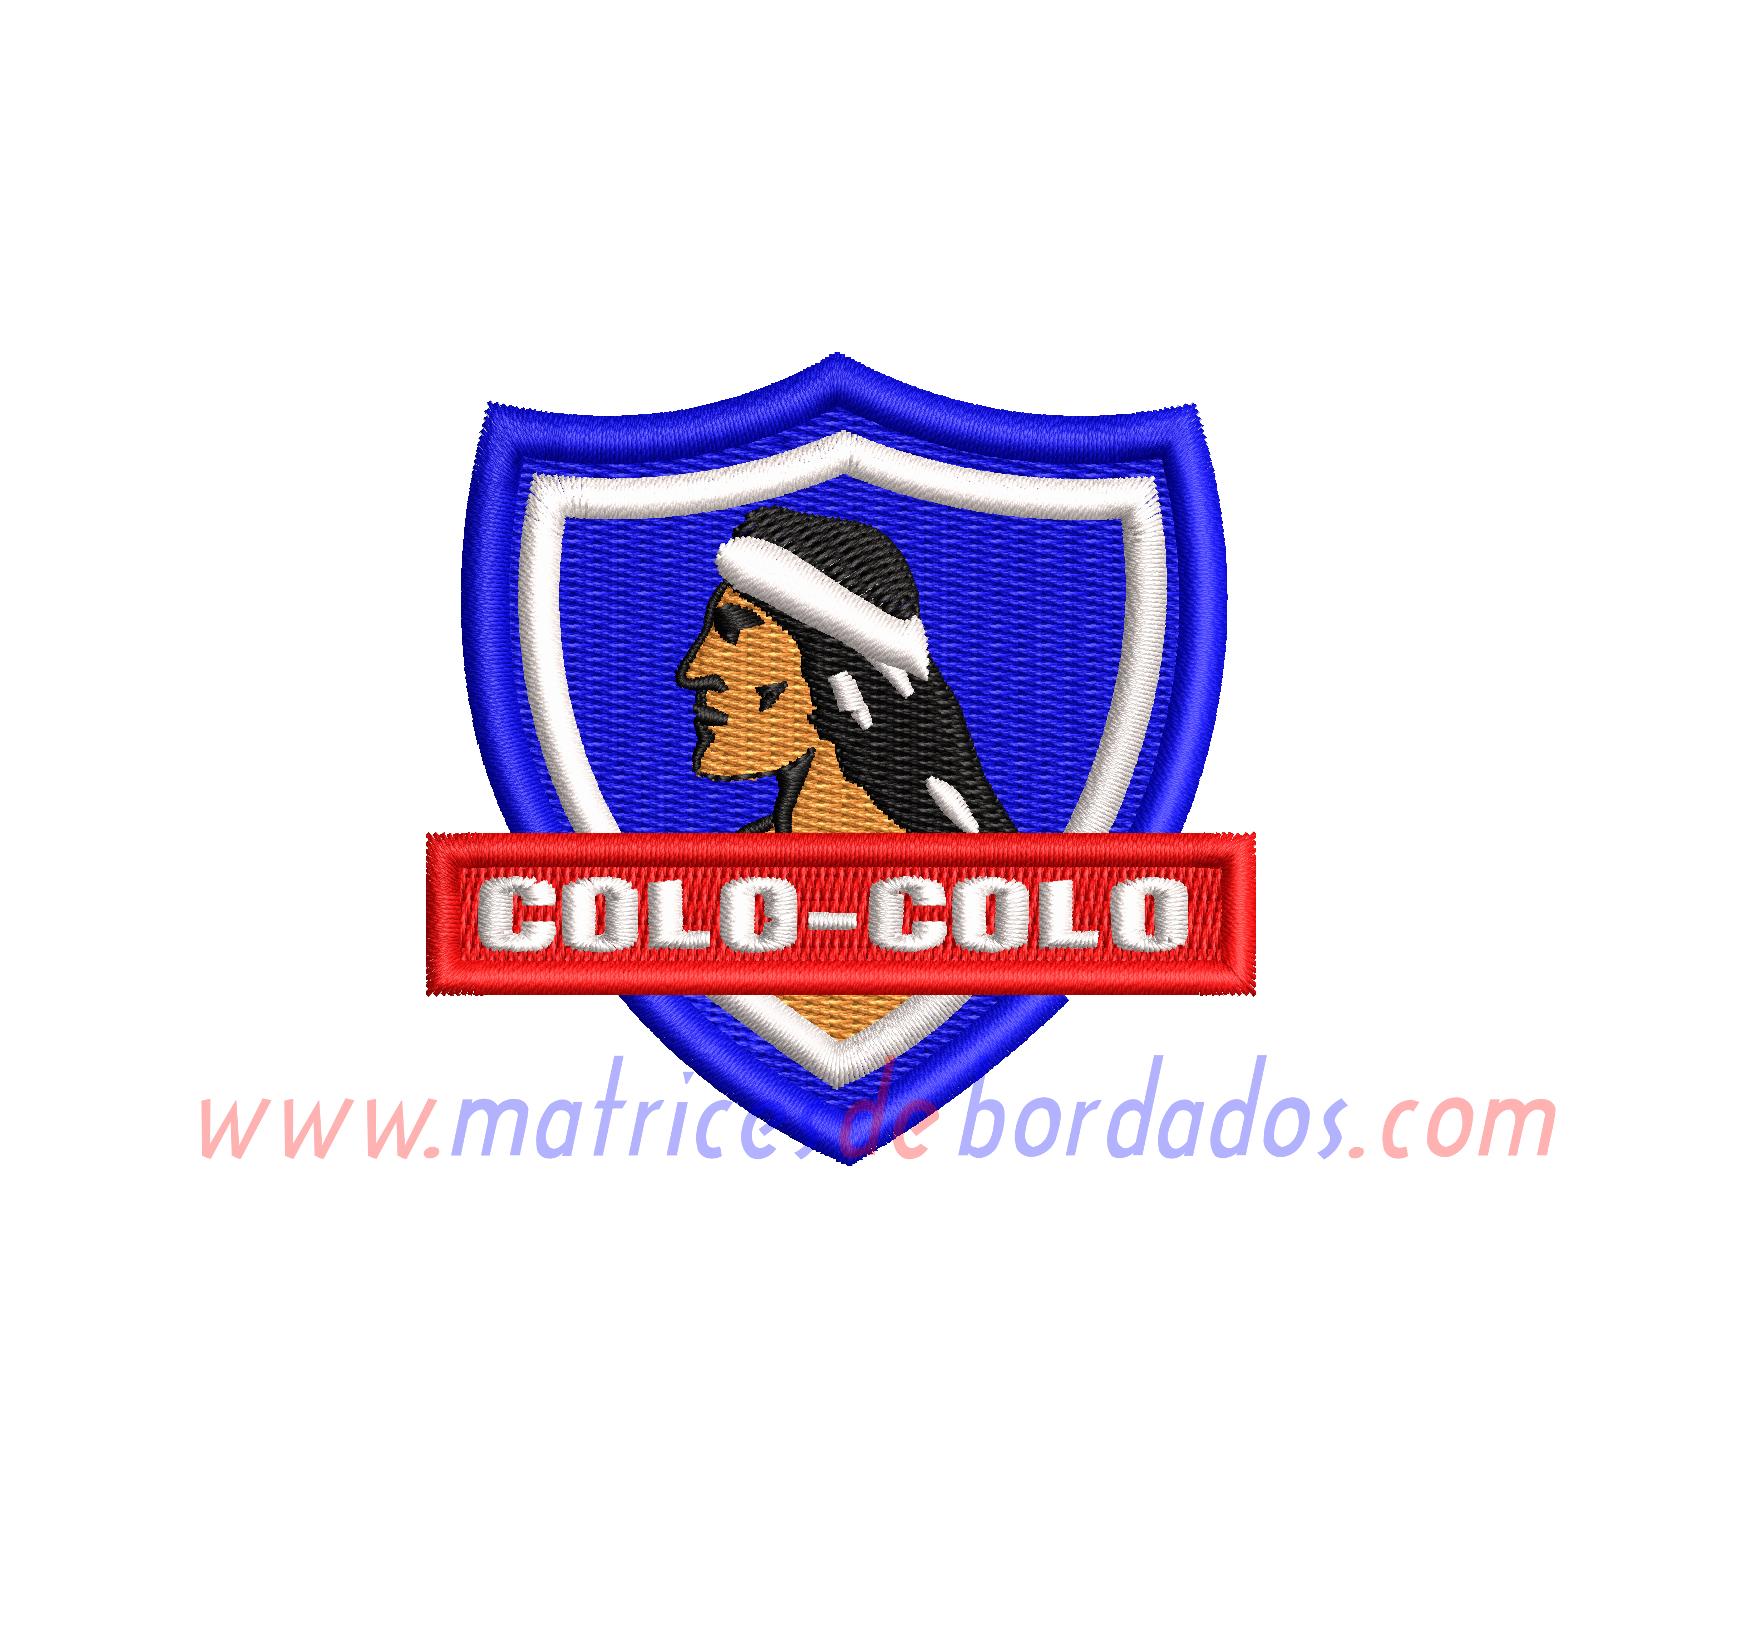 YZ72CX - Colo Colo